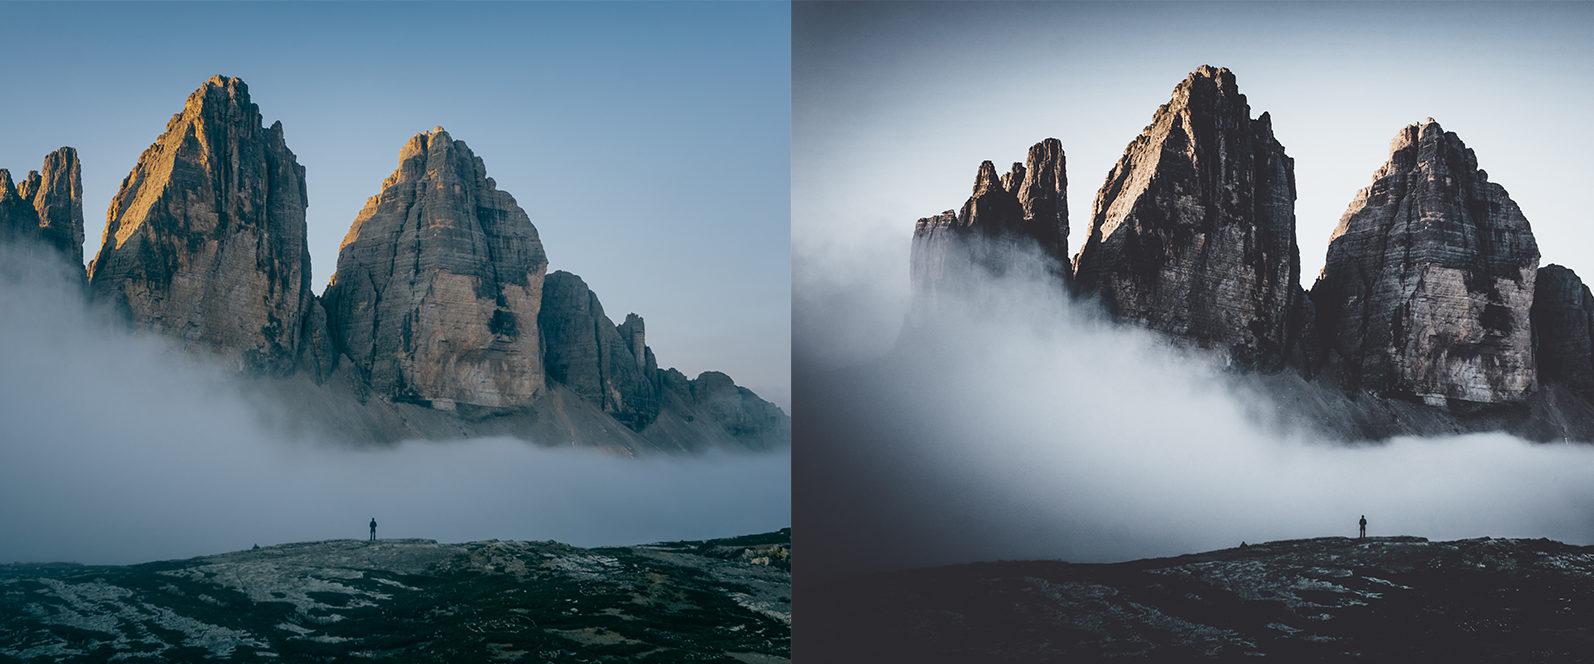 10 x Moody Landscape Lightroom Presets, Travel Presets | Mobile and Desktop - 6 Moody Landscapes 1 -